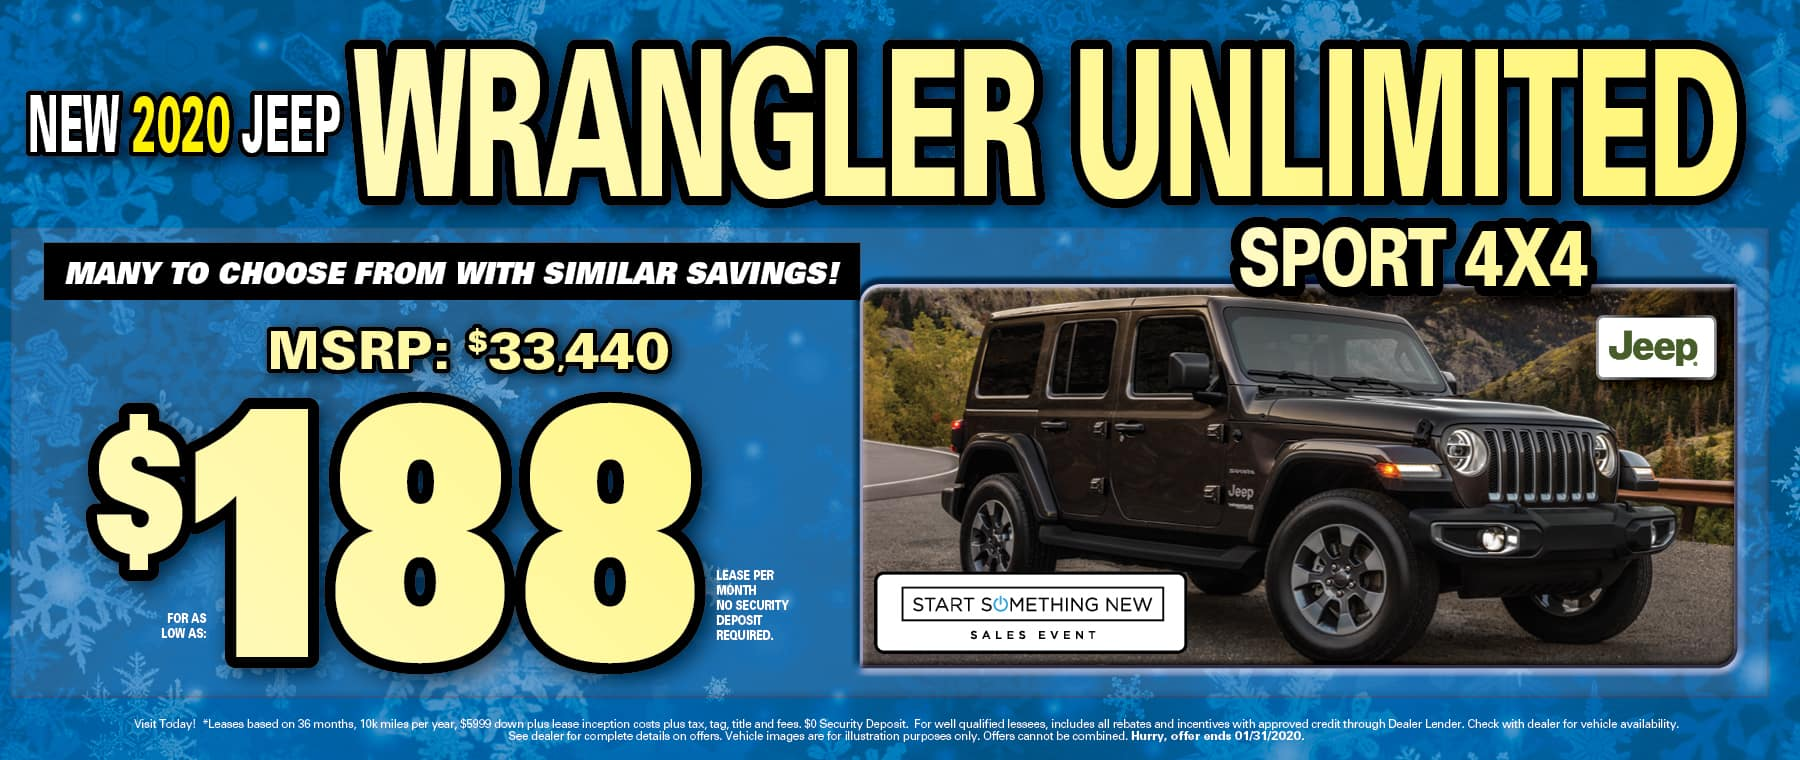 Wrangler $188 Lease